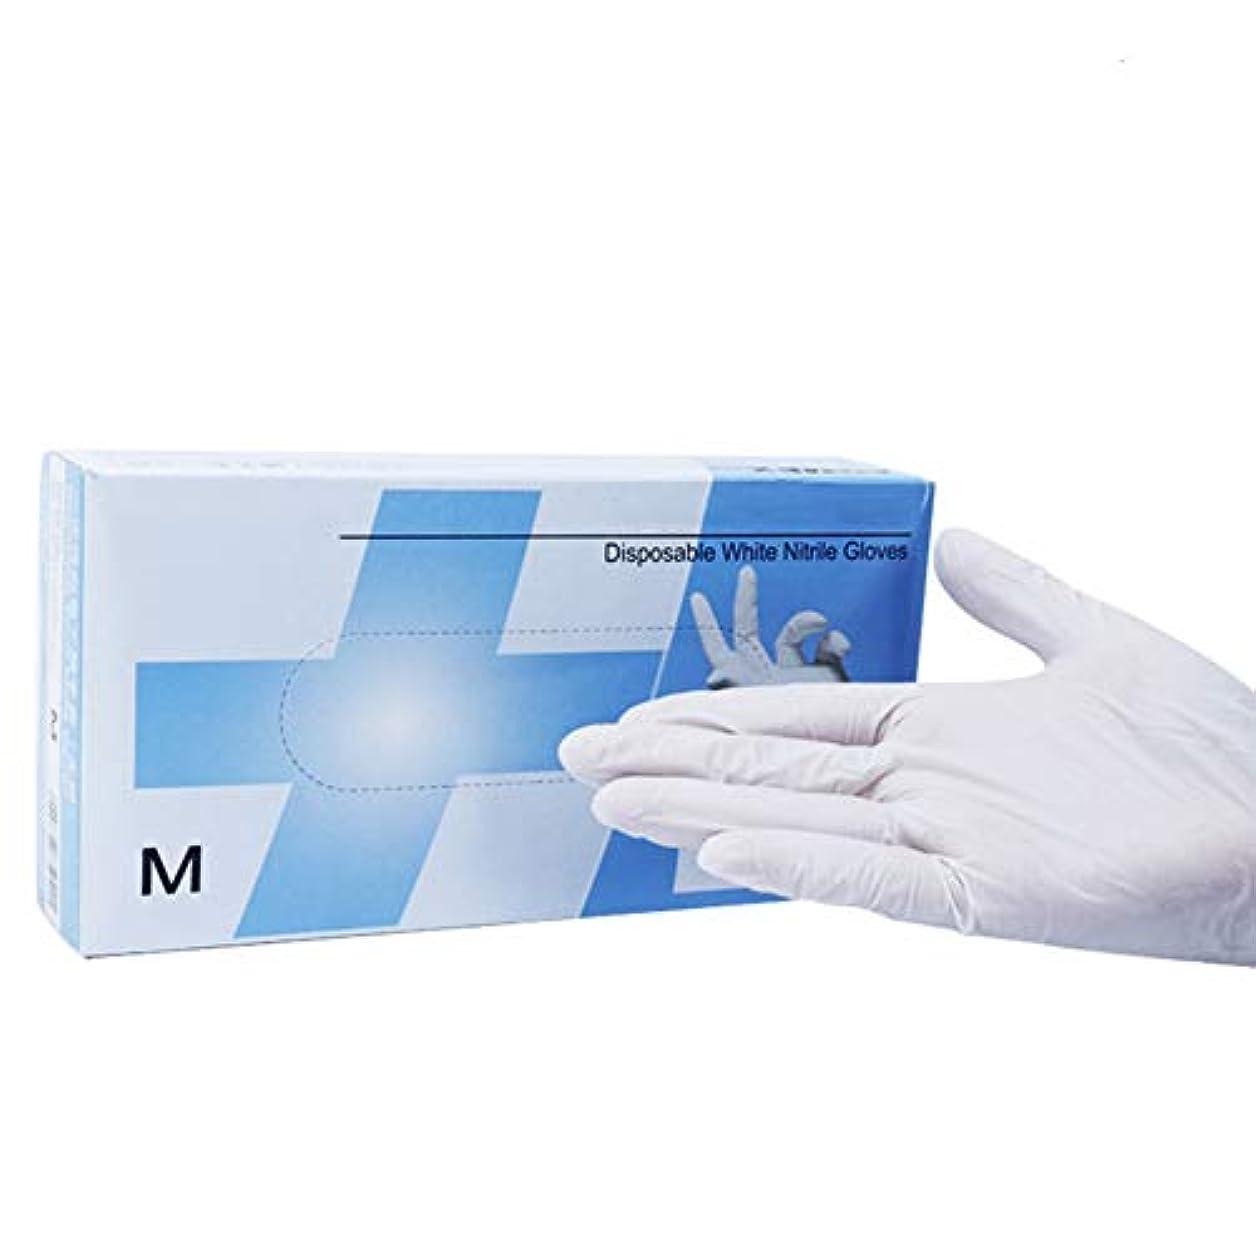 アッパー方言自宅でパウダーフリー 生殖不能 メディカル 白 ニトリル 手袋、 使い捨て 安全性 滑り止め ビニール 検査 グローブ、 に適し クリーニング、 食品加工、 (100個/ 1箱),M